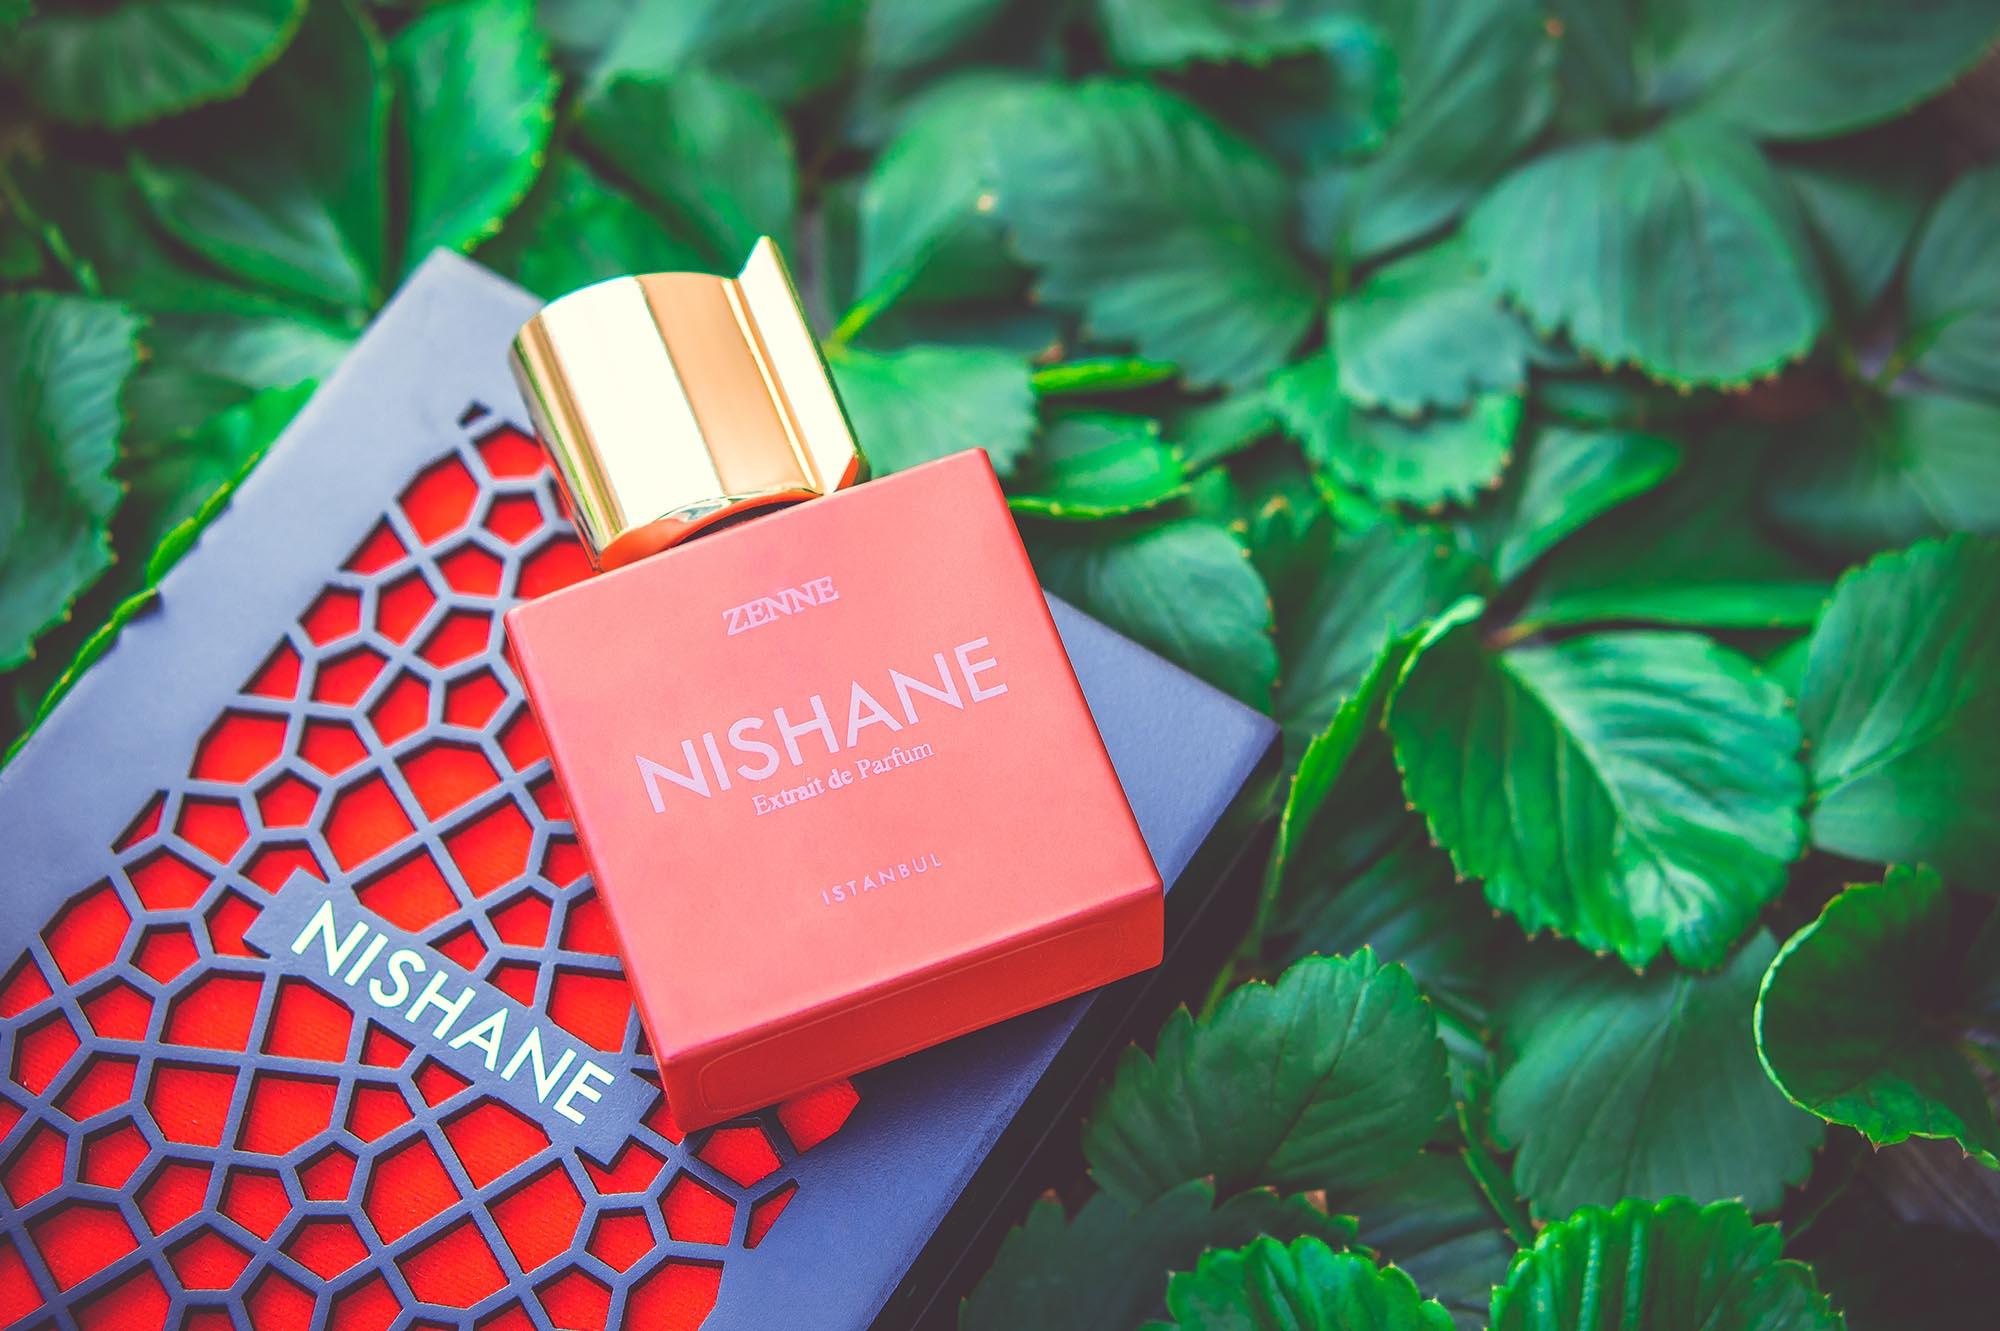 Zenne von Nishane – die perfekte Schwarze Johannisbeere